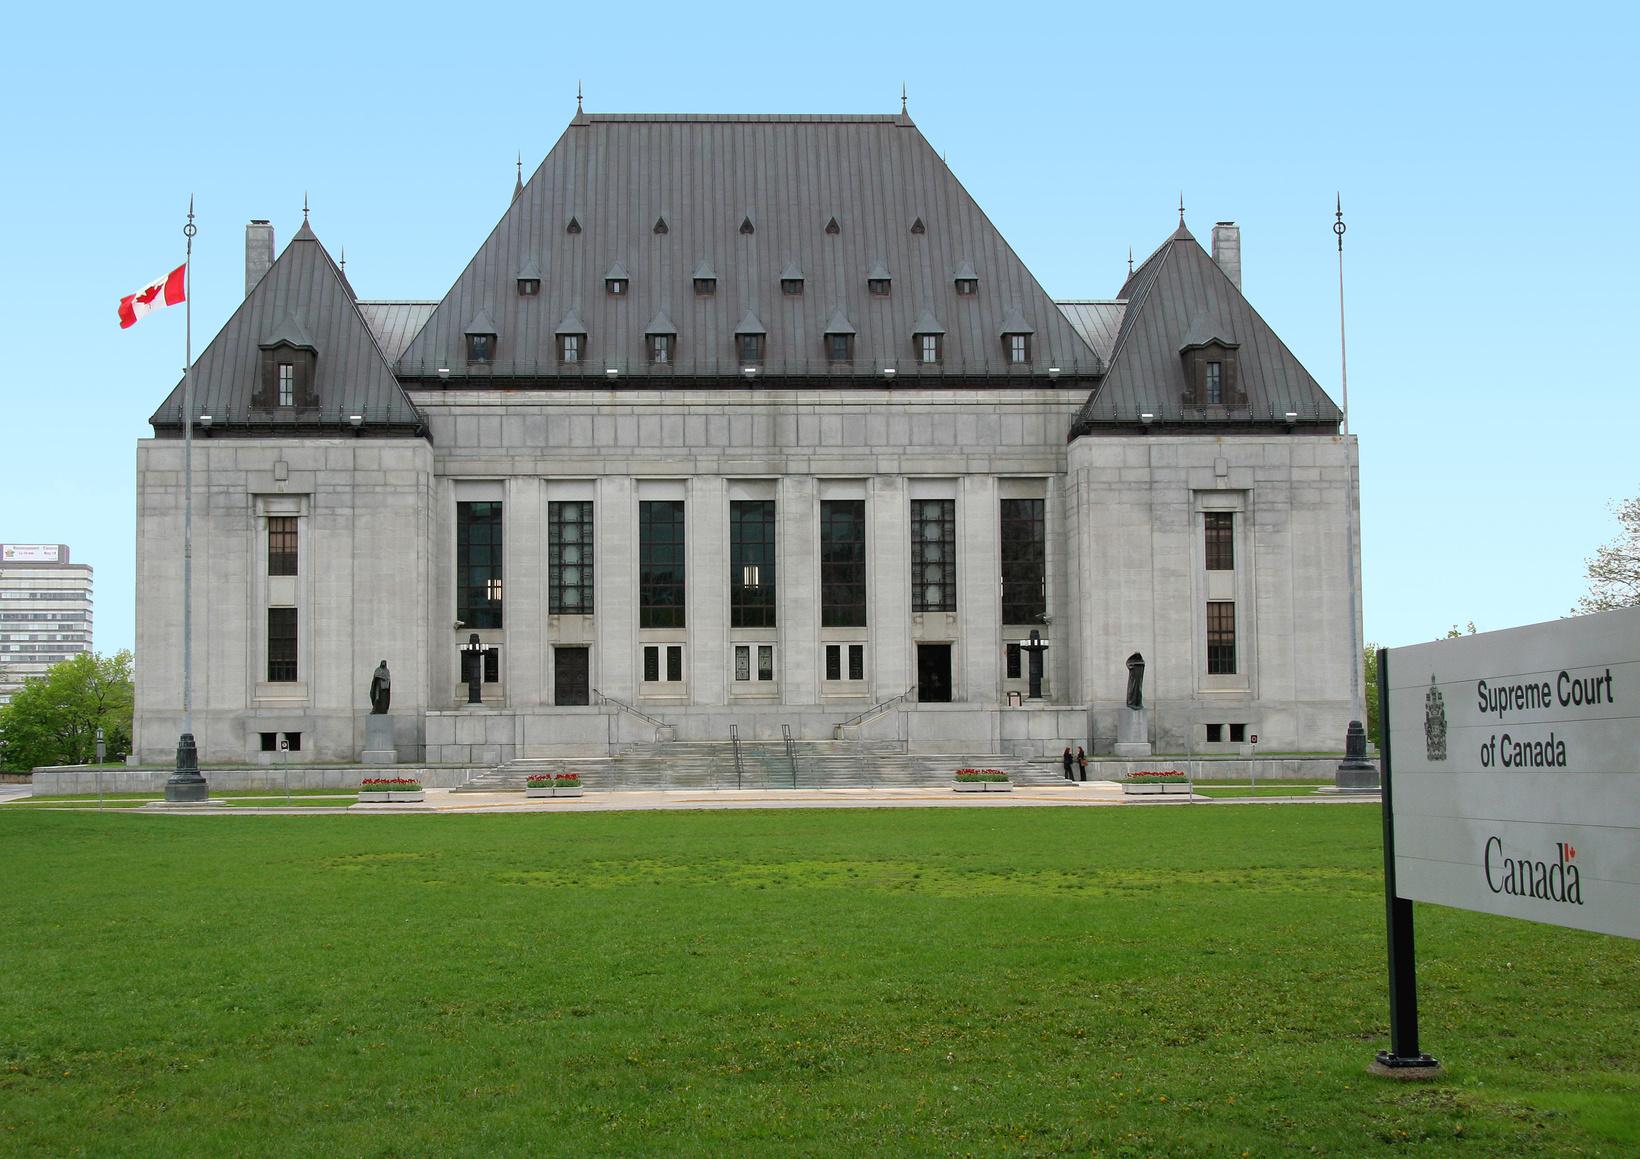 Fotolia_701557_supreme court of canada building_M